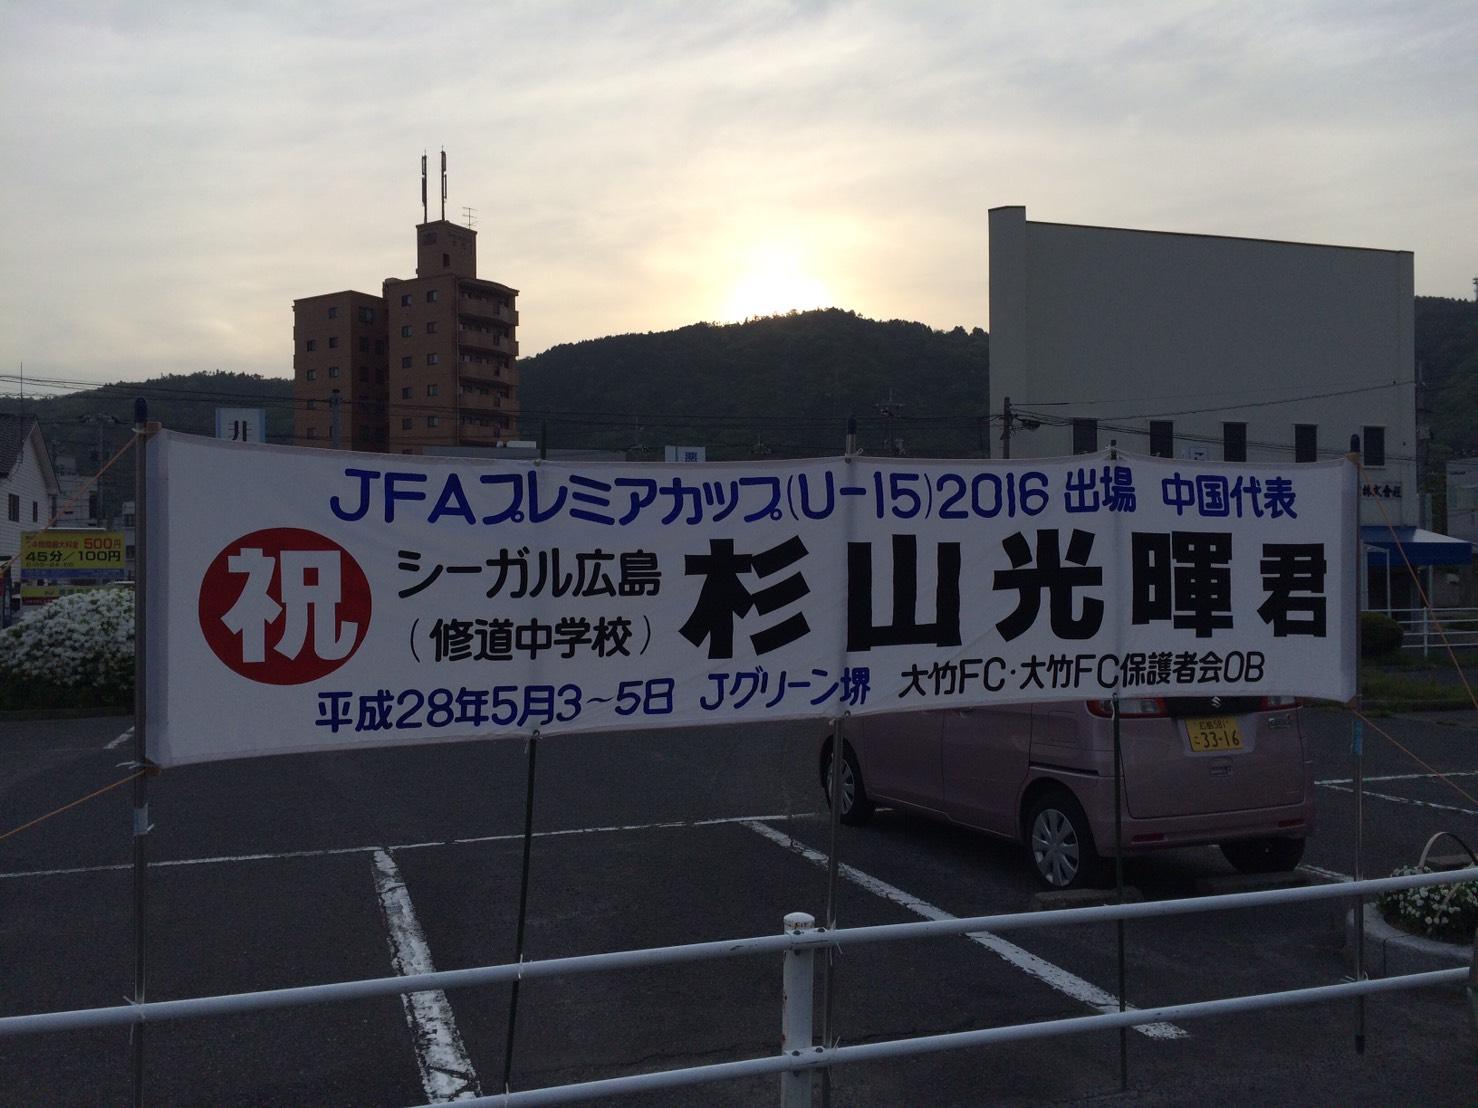 20160427横断幕